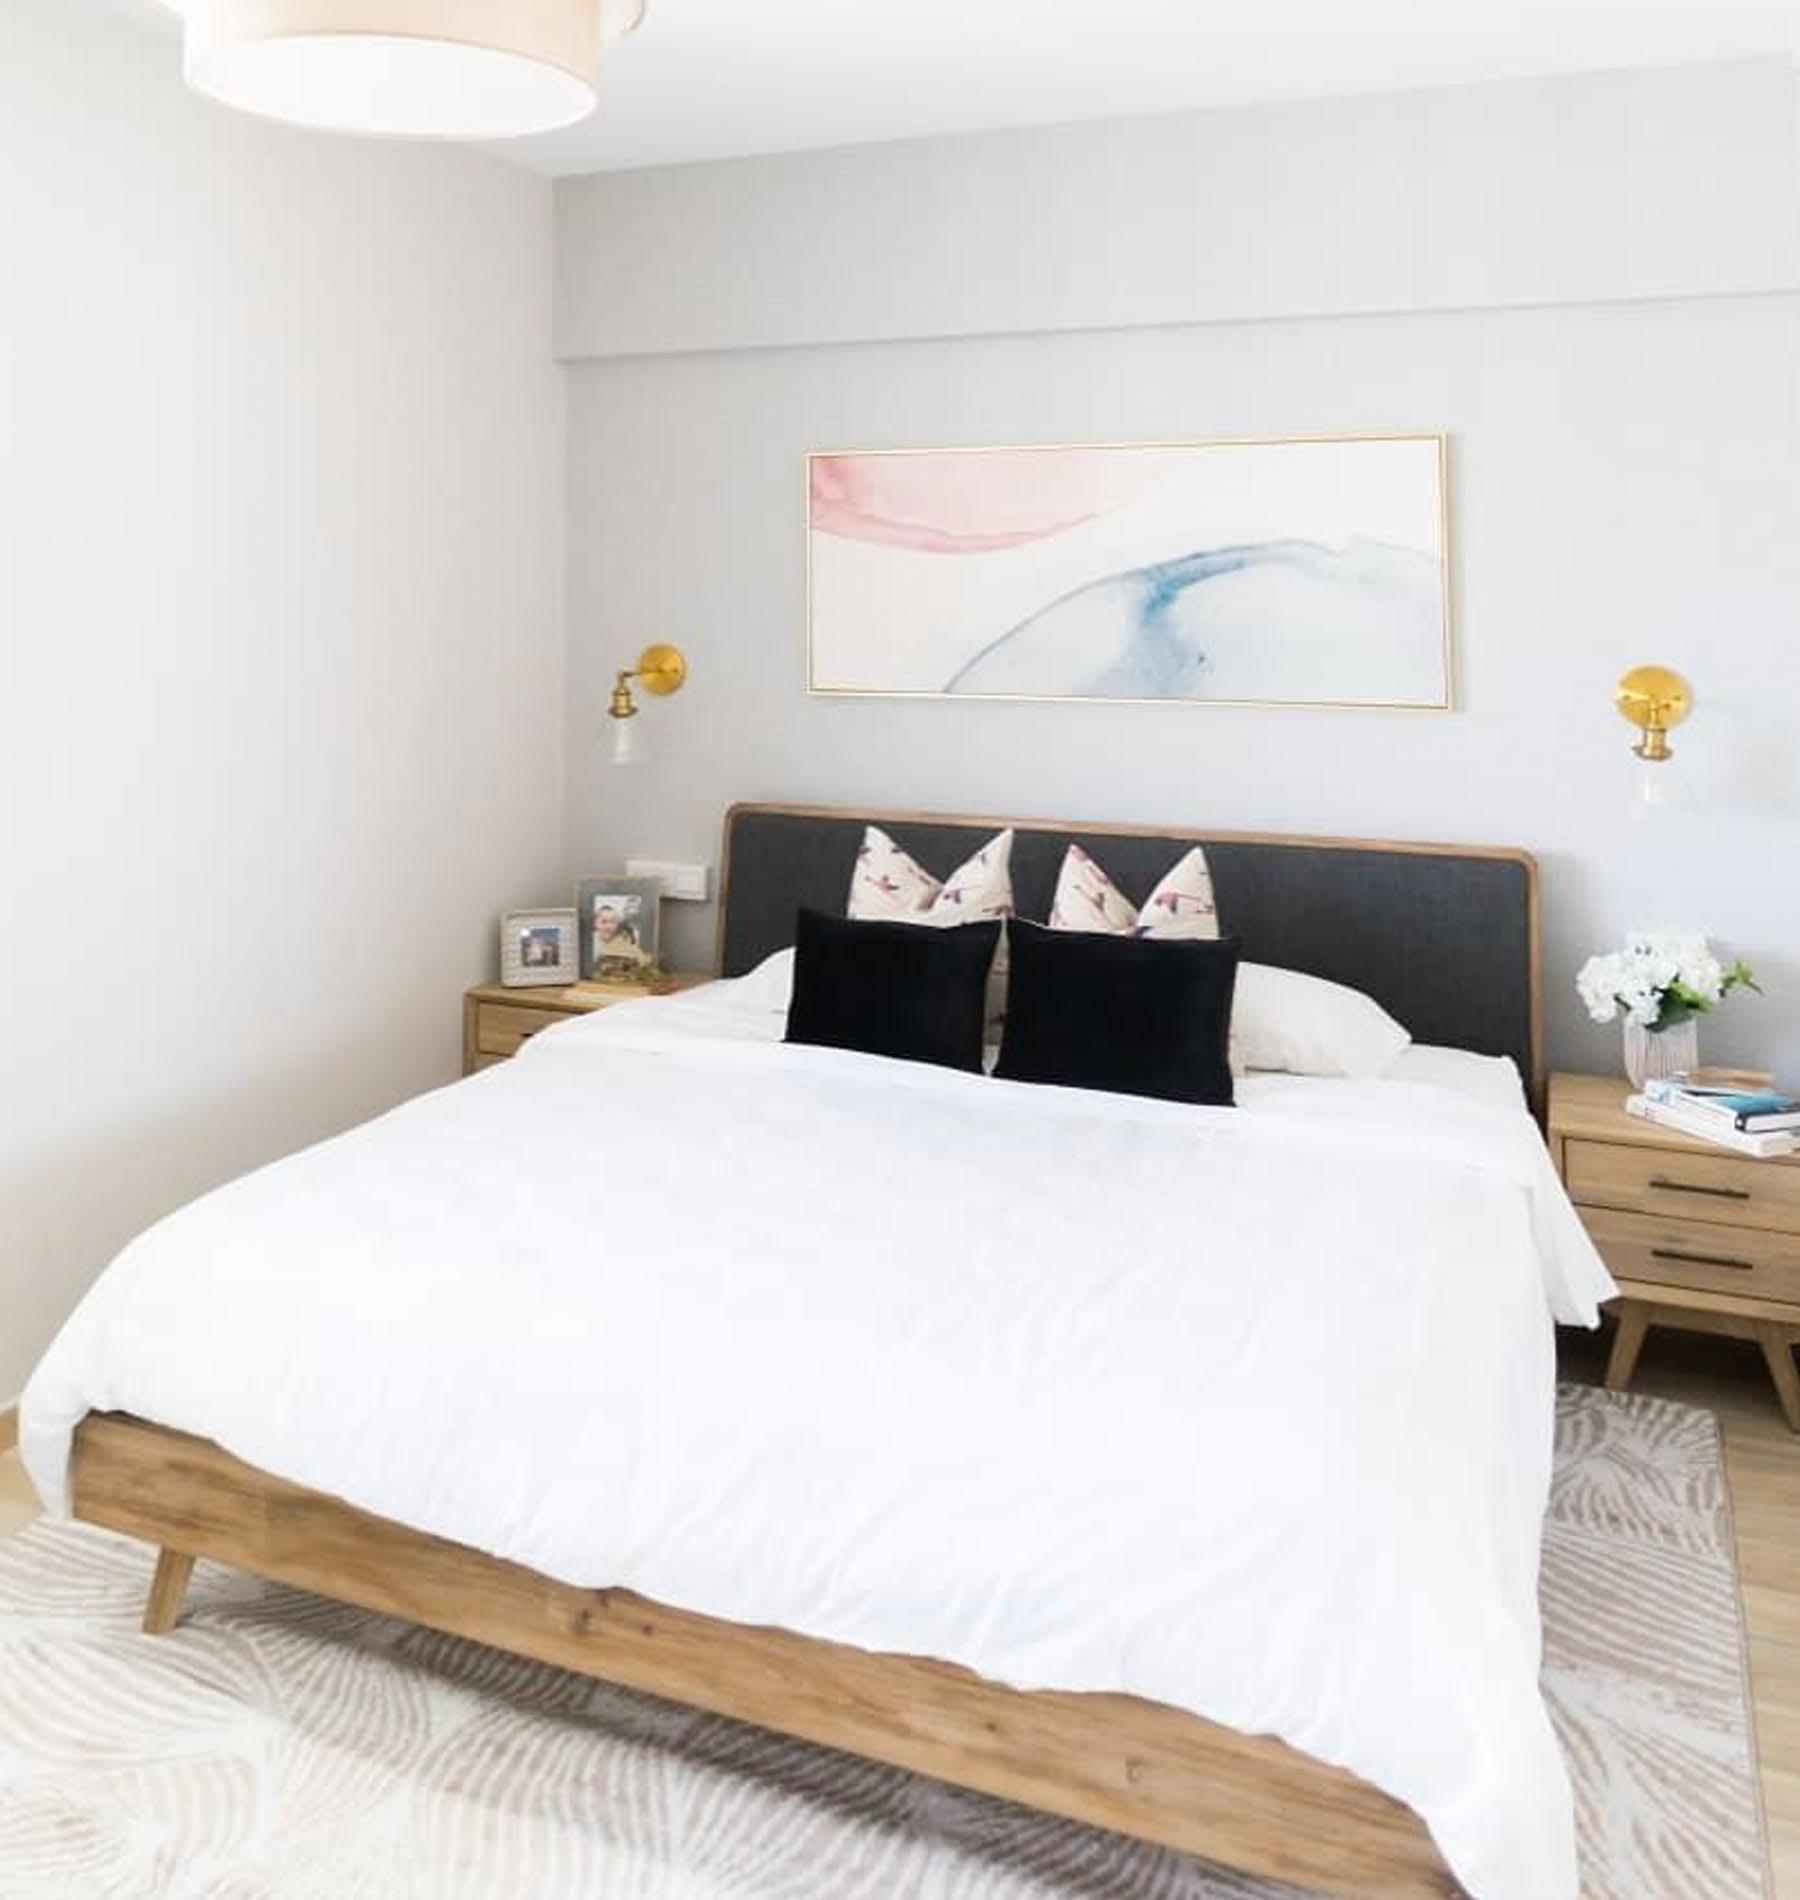 dark grey fabric queen size bed in bedroom